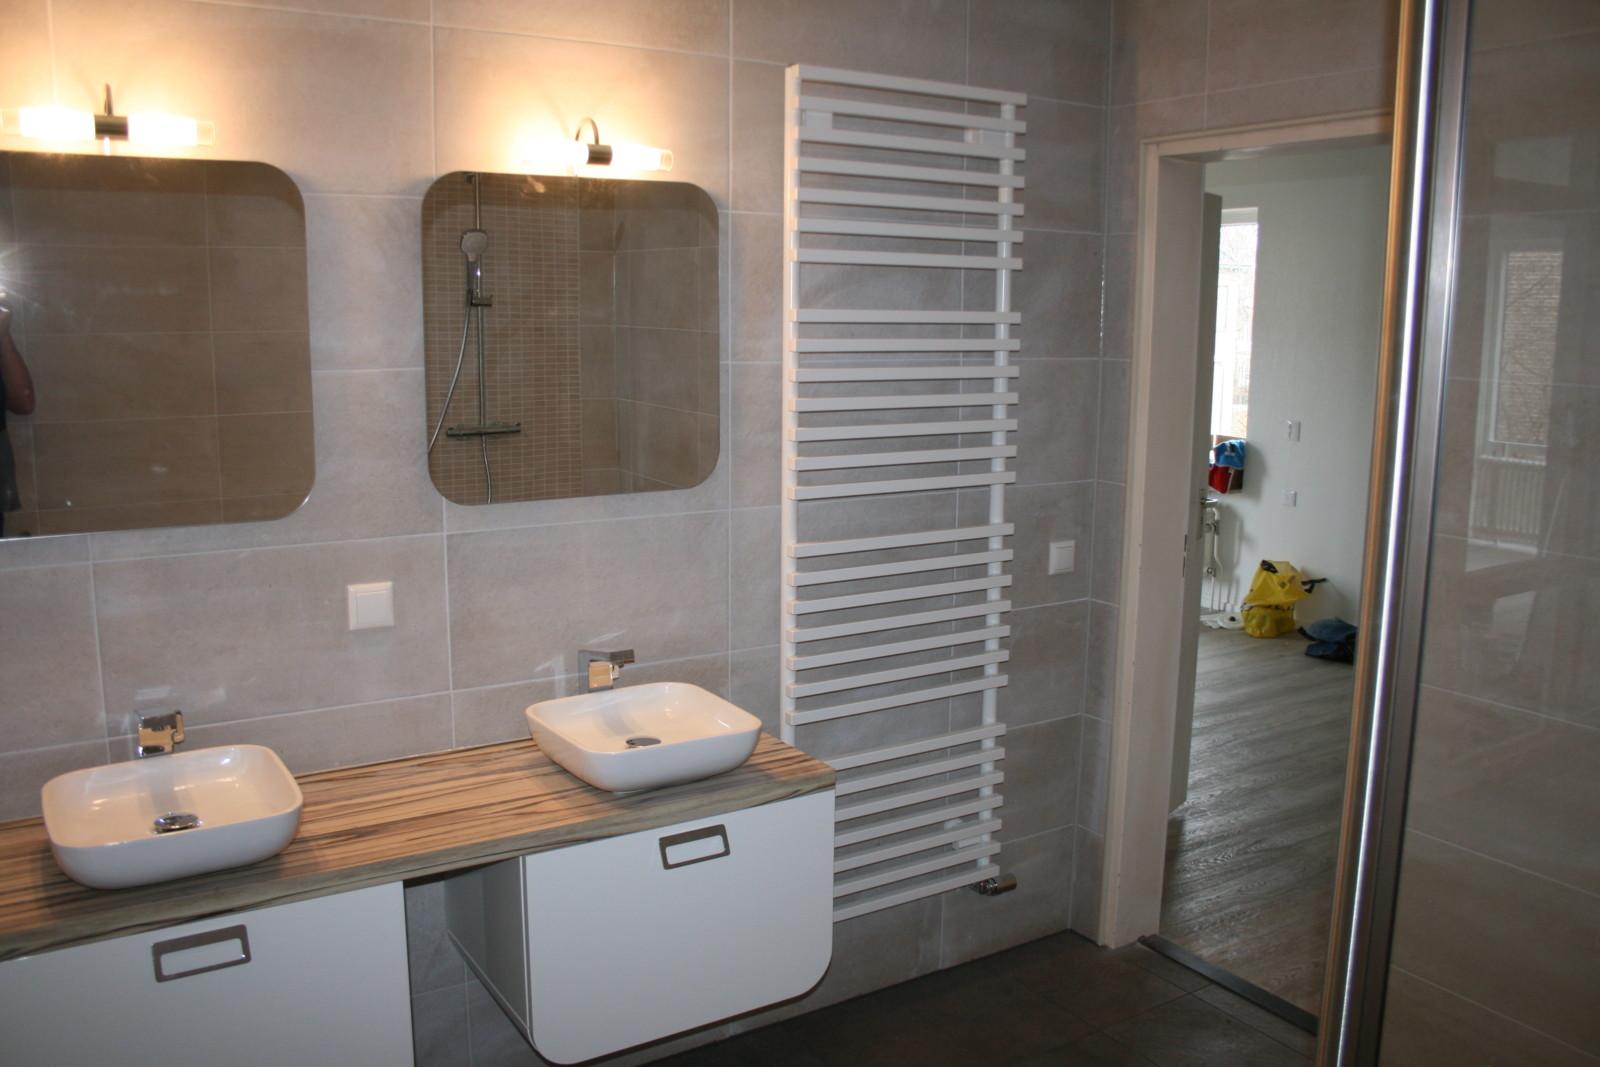 Keuken Badkamer Apeldoorn : Badkamer toilet en keuken verbouwing apeldoorn de klussenier erik